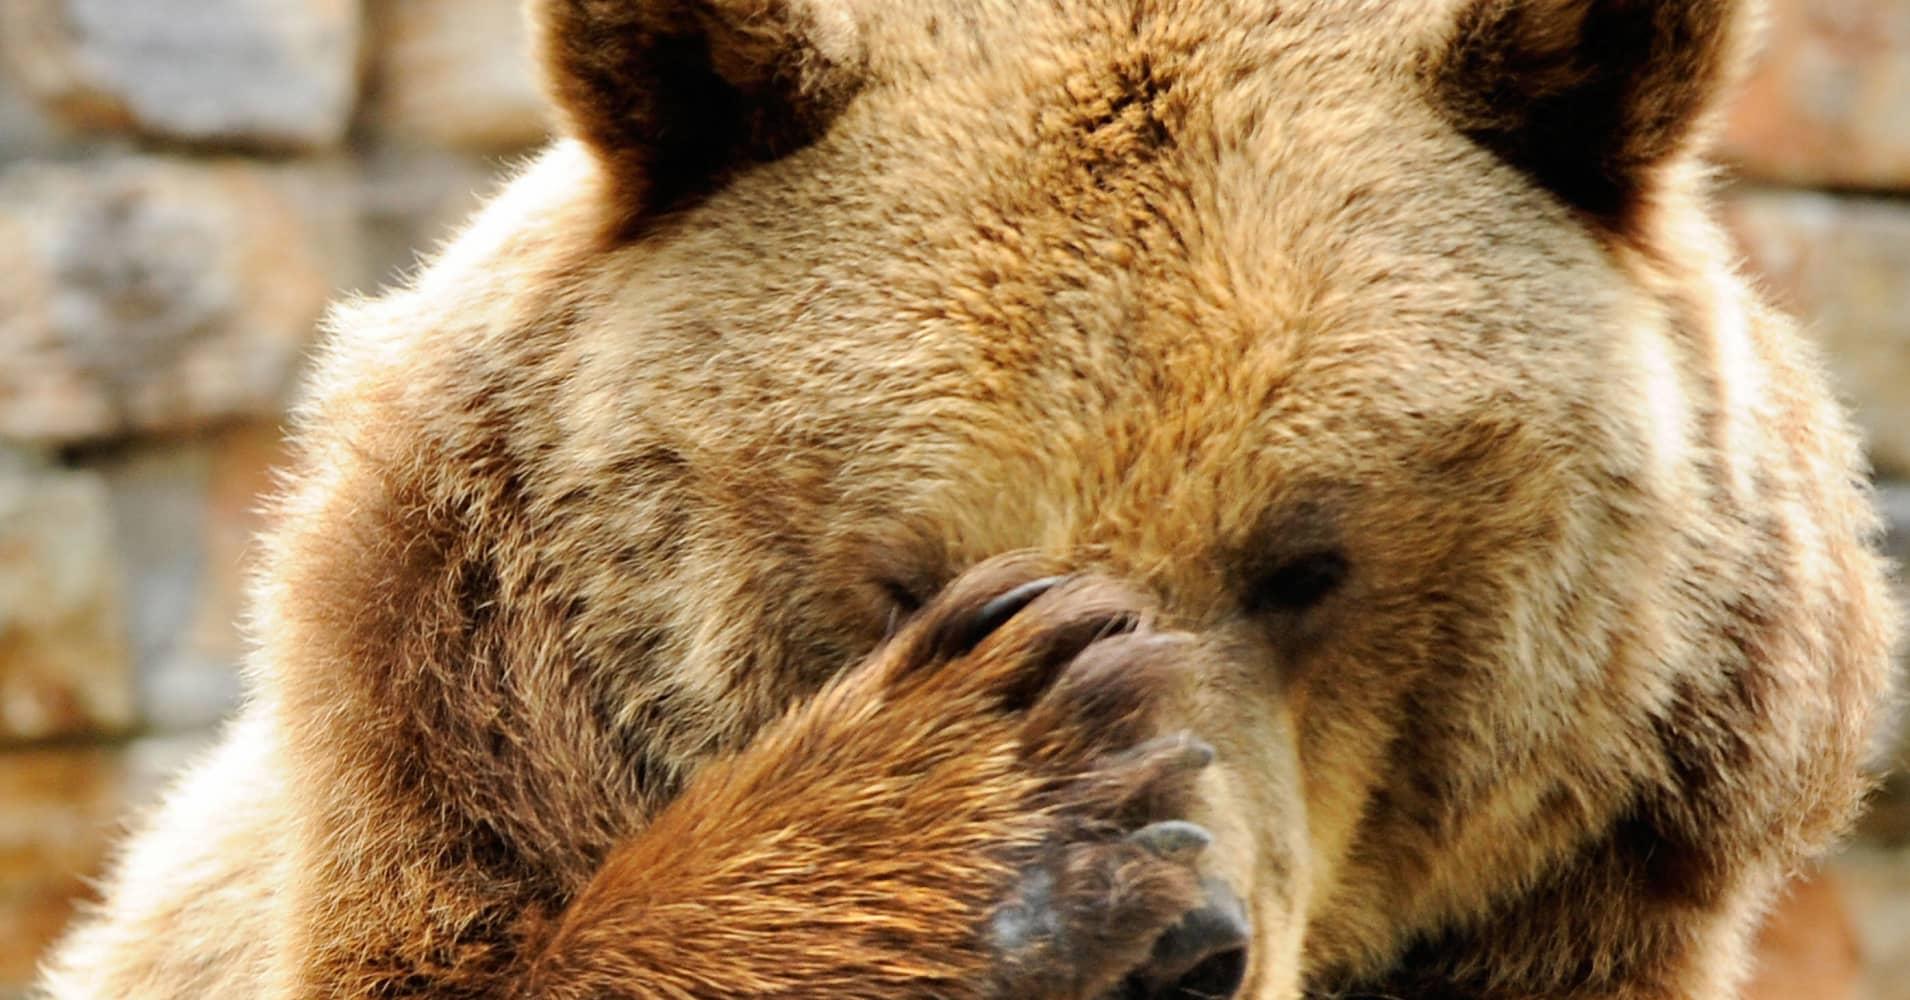 bear nasty